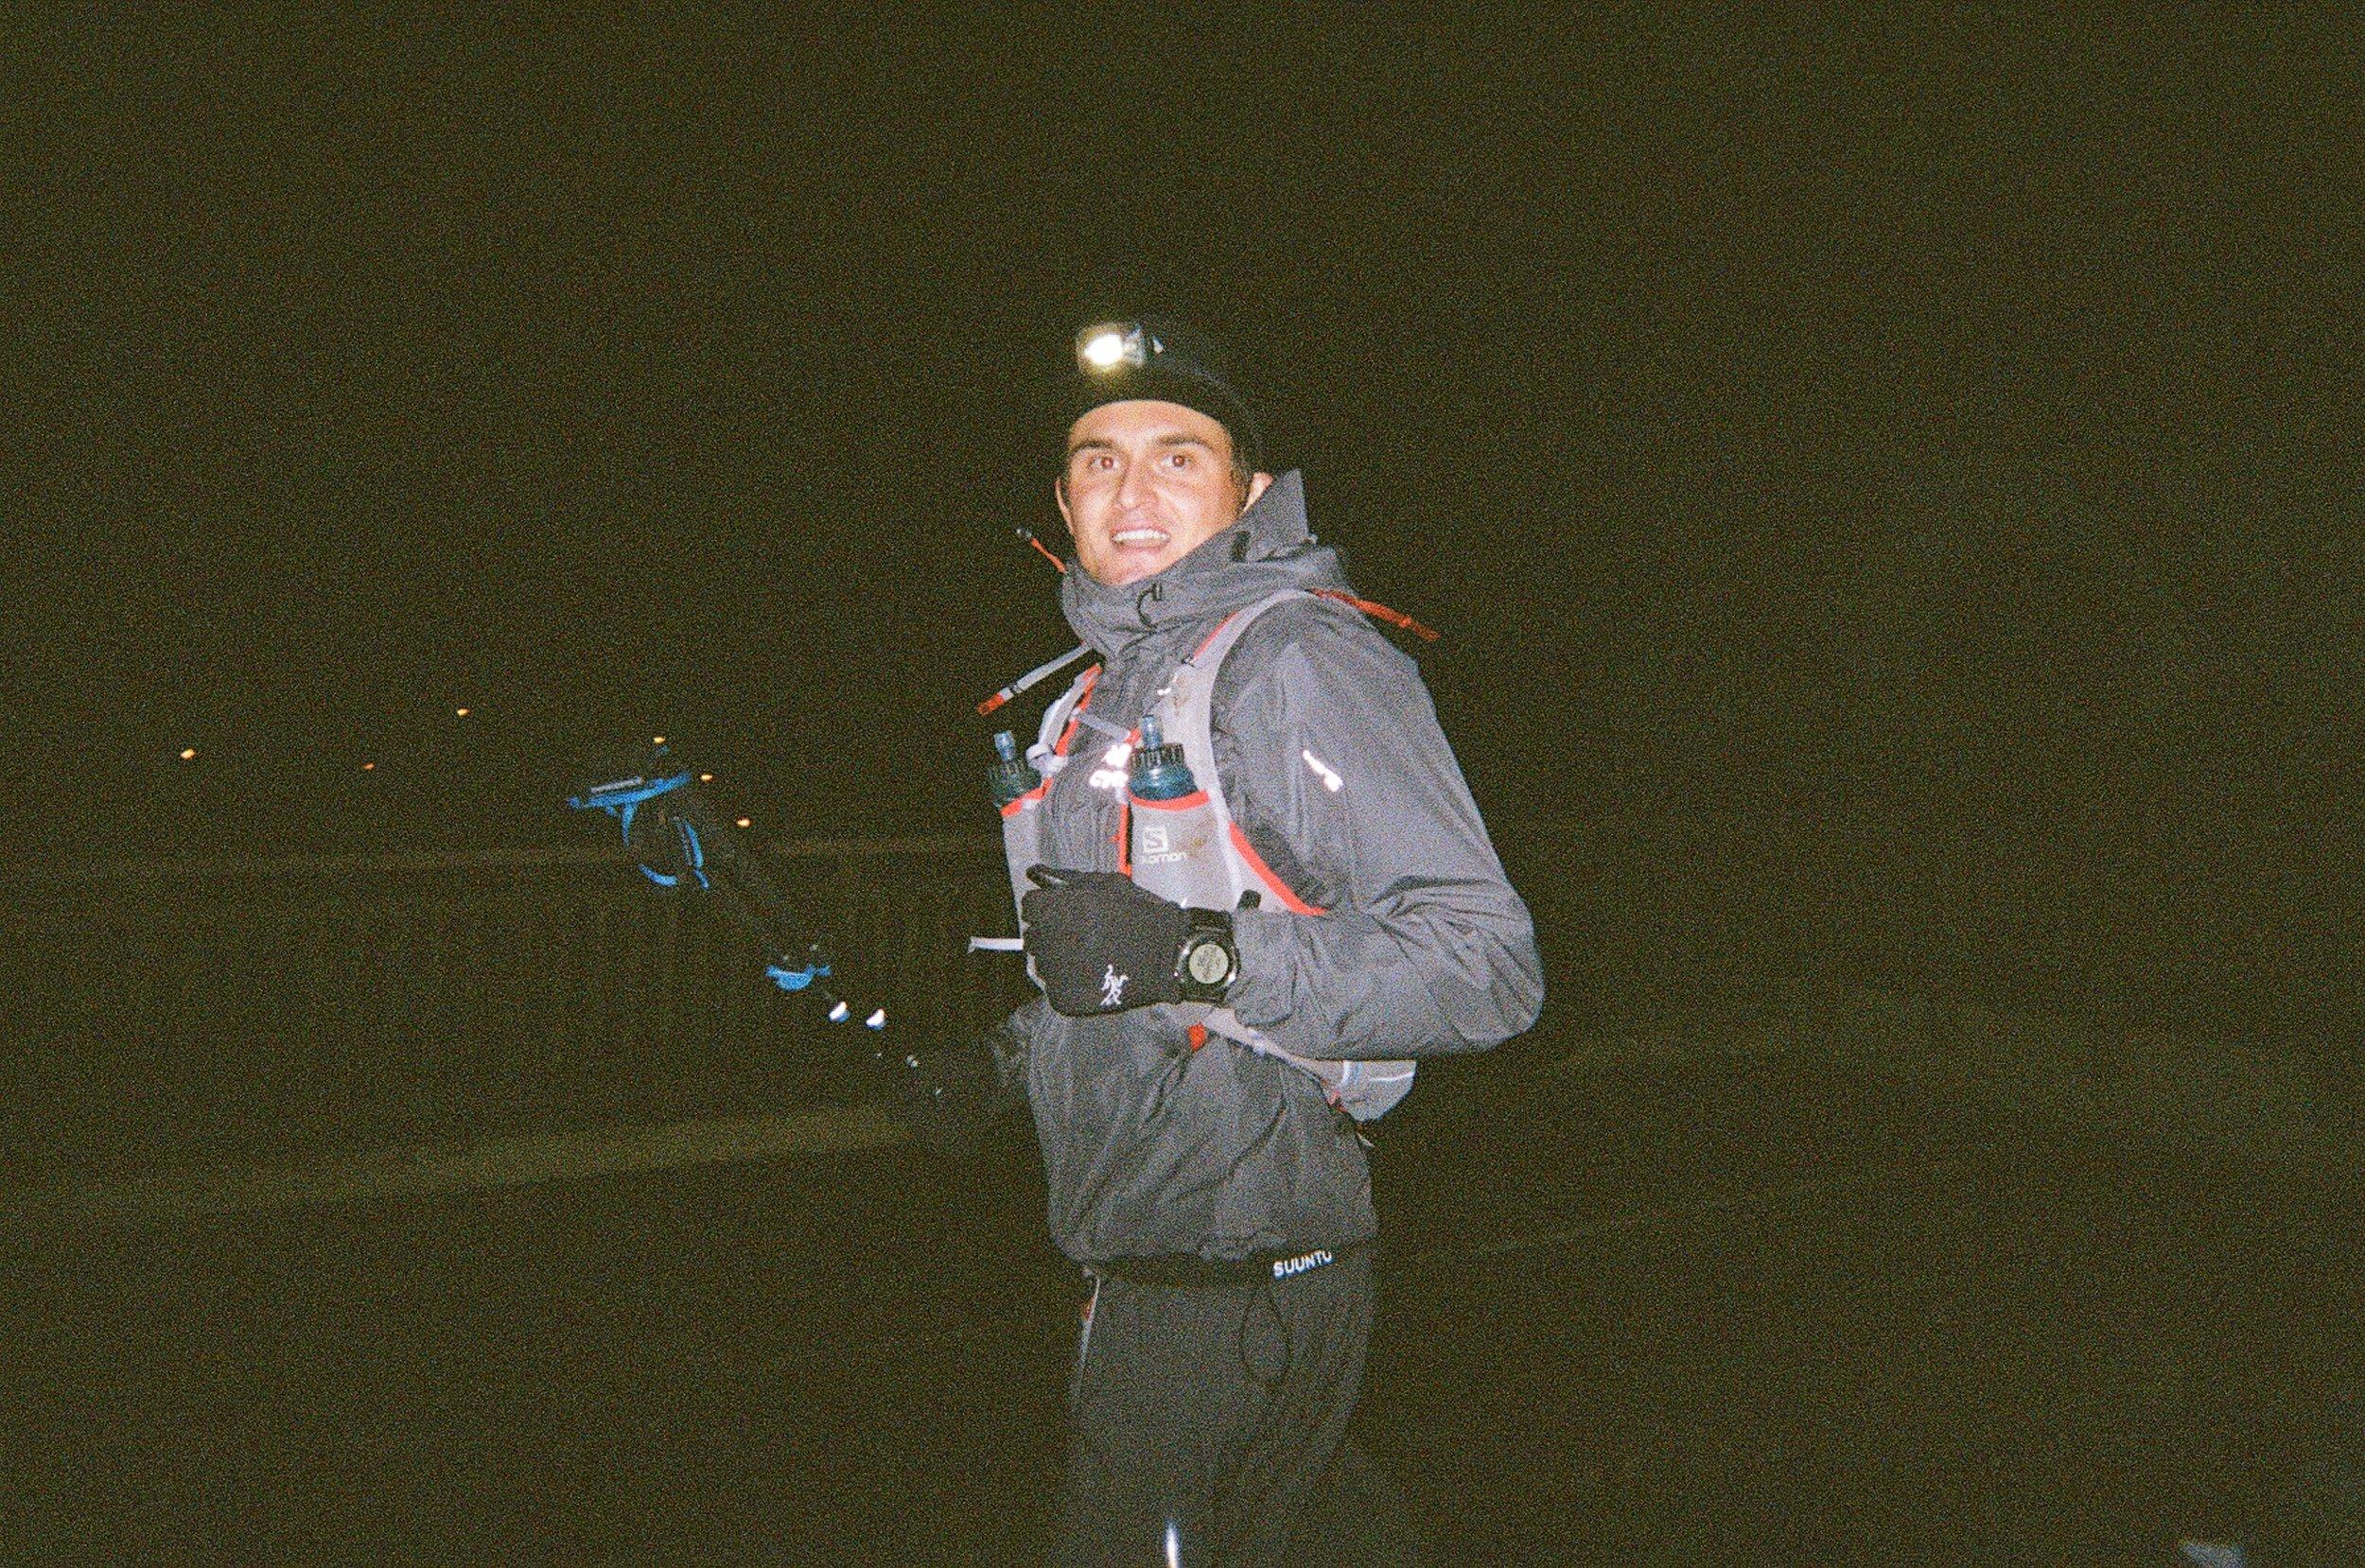 Nicki-Lange-Ultra-Trail-Du-Mont-Blanc-2018-22.jpg